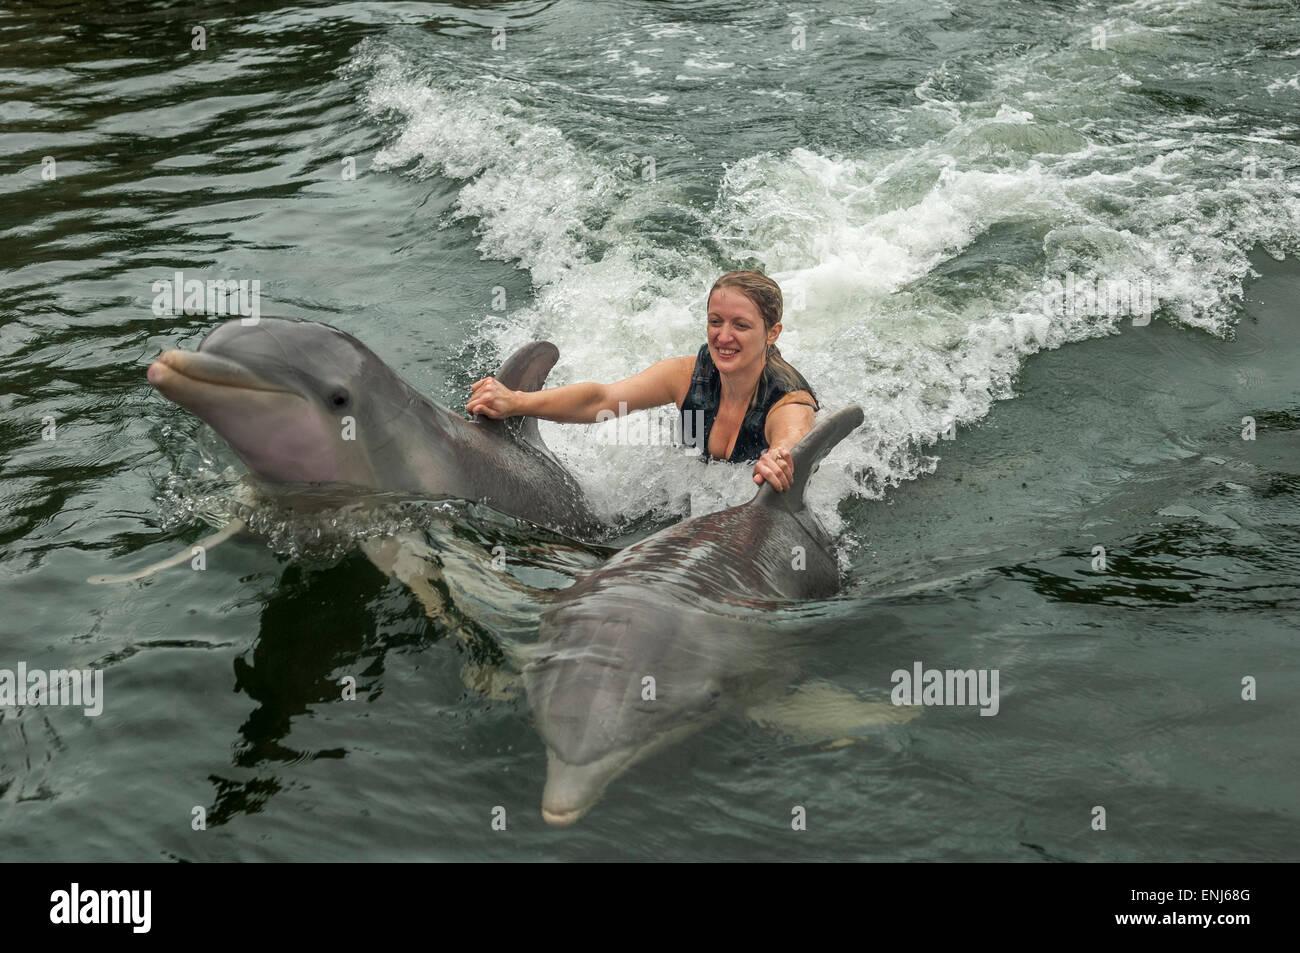 Nuotare con i delfini a delfini Plus, un dolphin research & interaction center in Key Largo, FL. Stati Uniti Immagini Stock